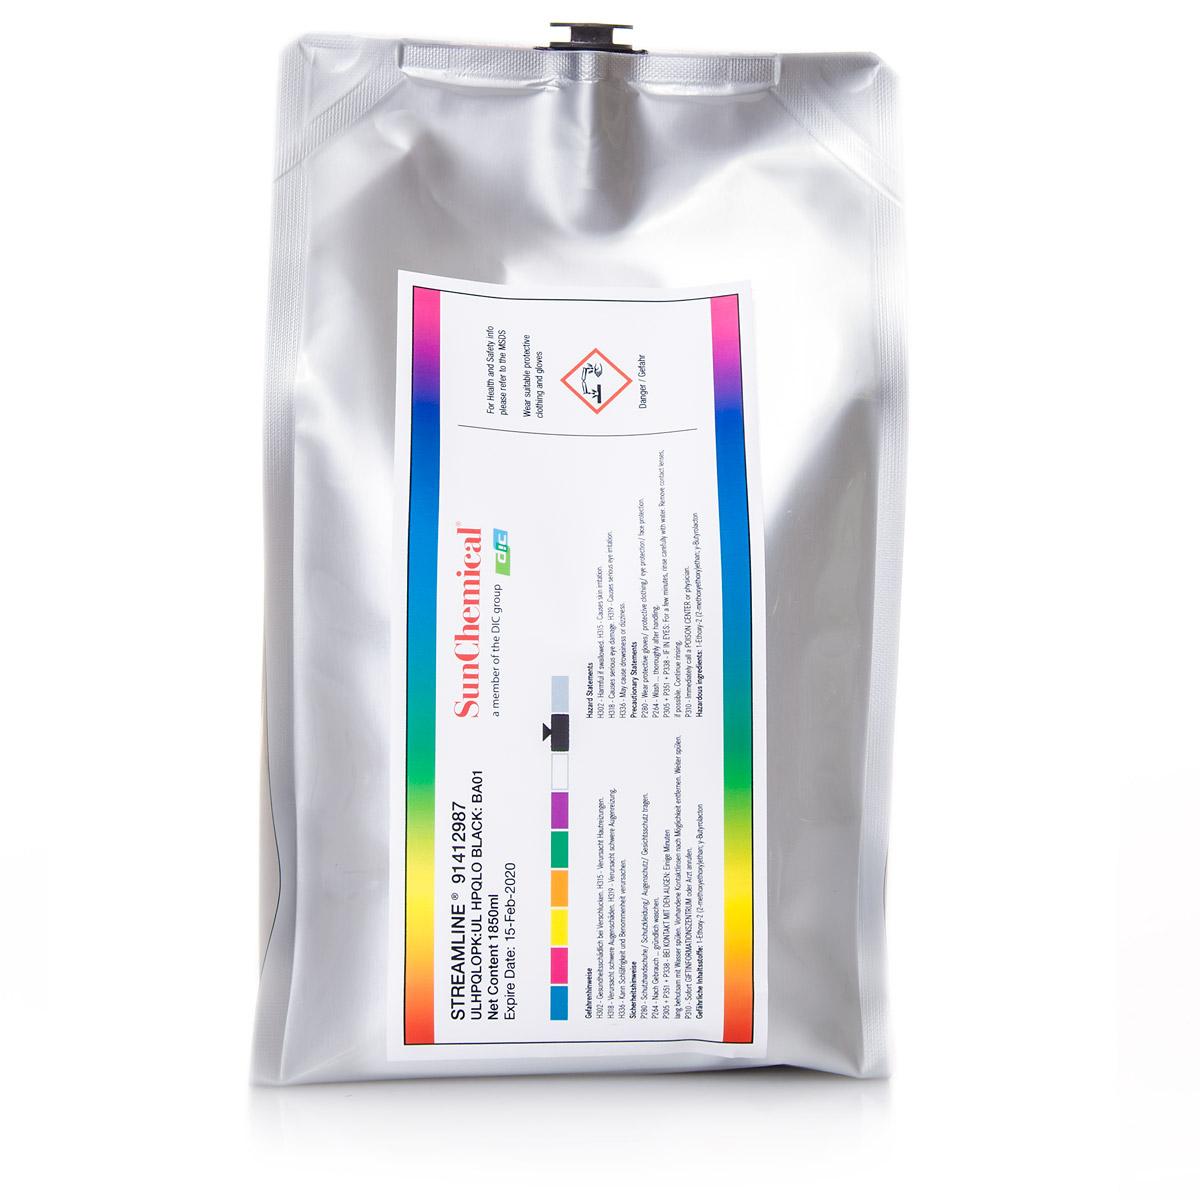 2L MBIS Tintenbeutel Streamline® ESL HPQLO für Roland®